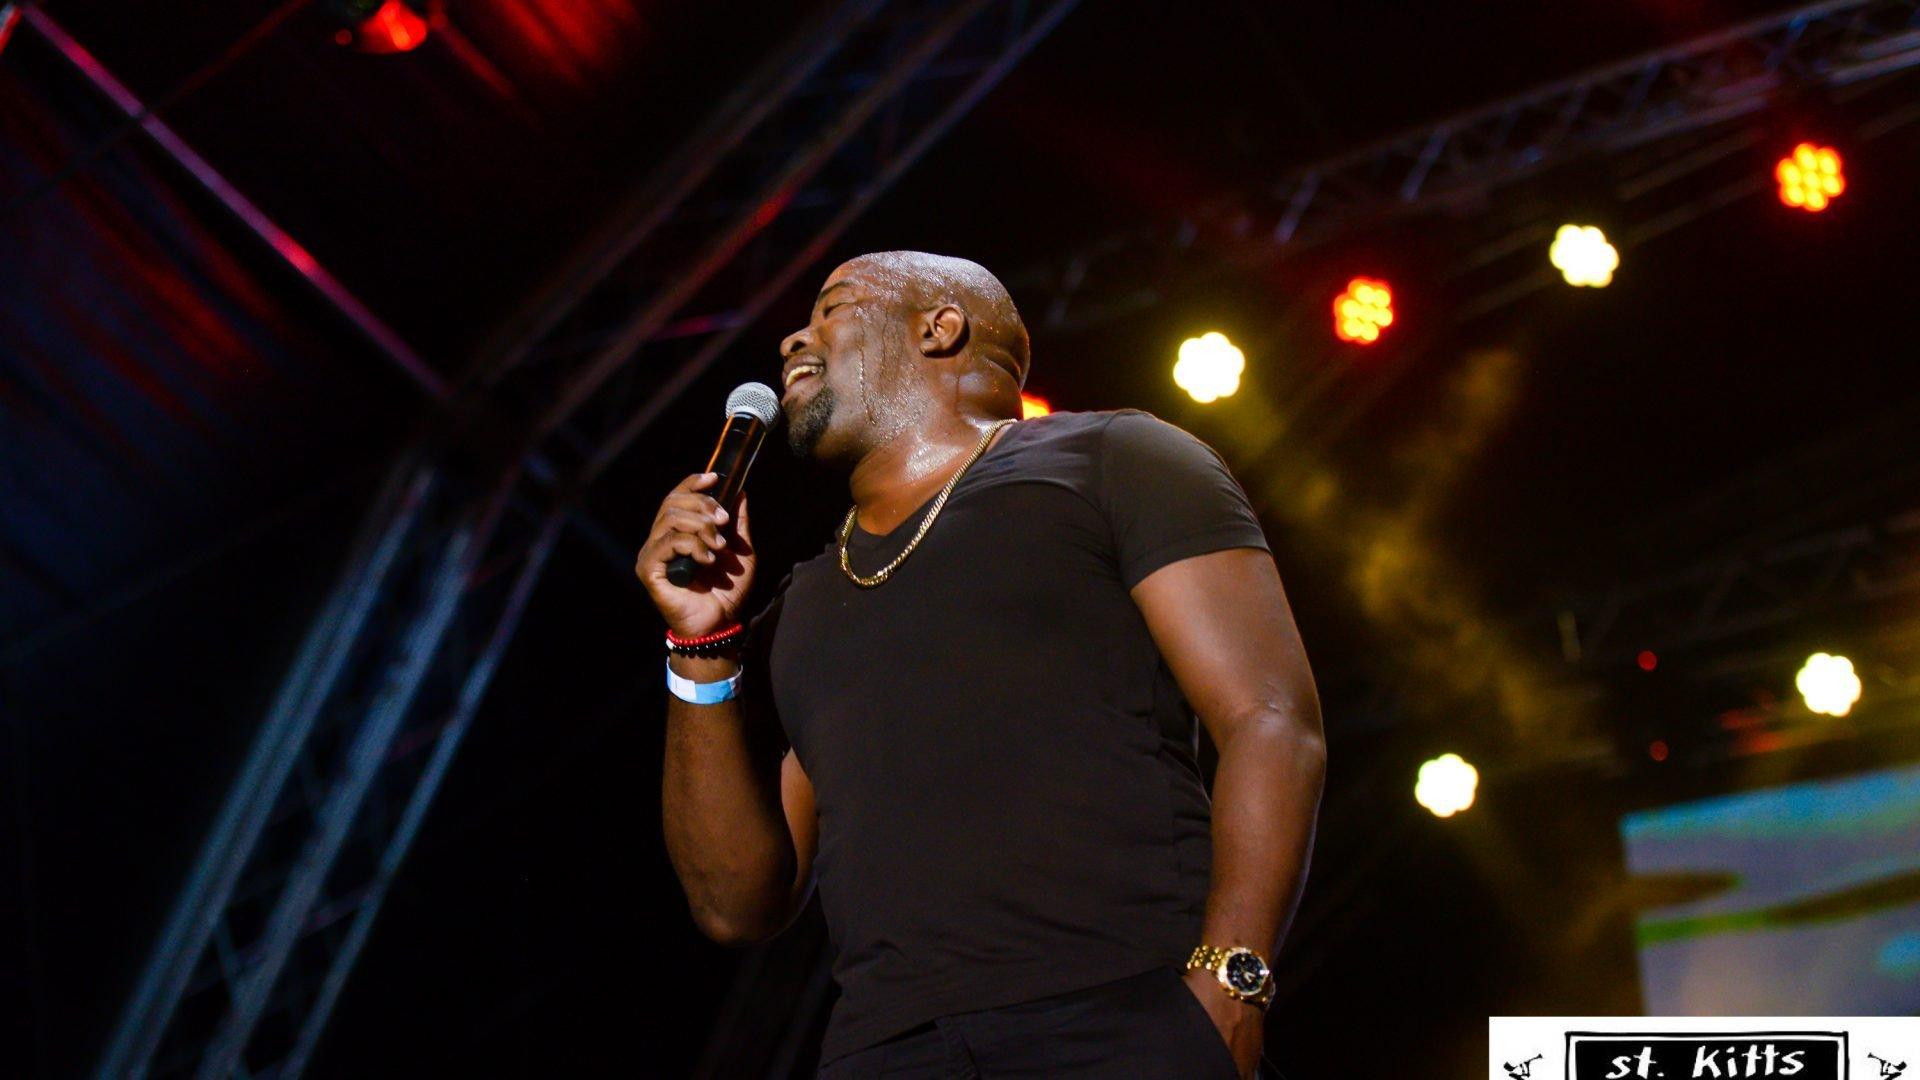 St. Kitts Music Festival - Thursday Night performances, June 22 2017